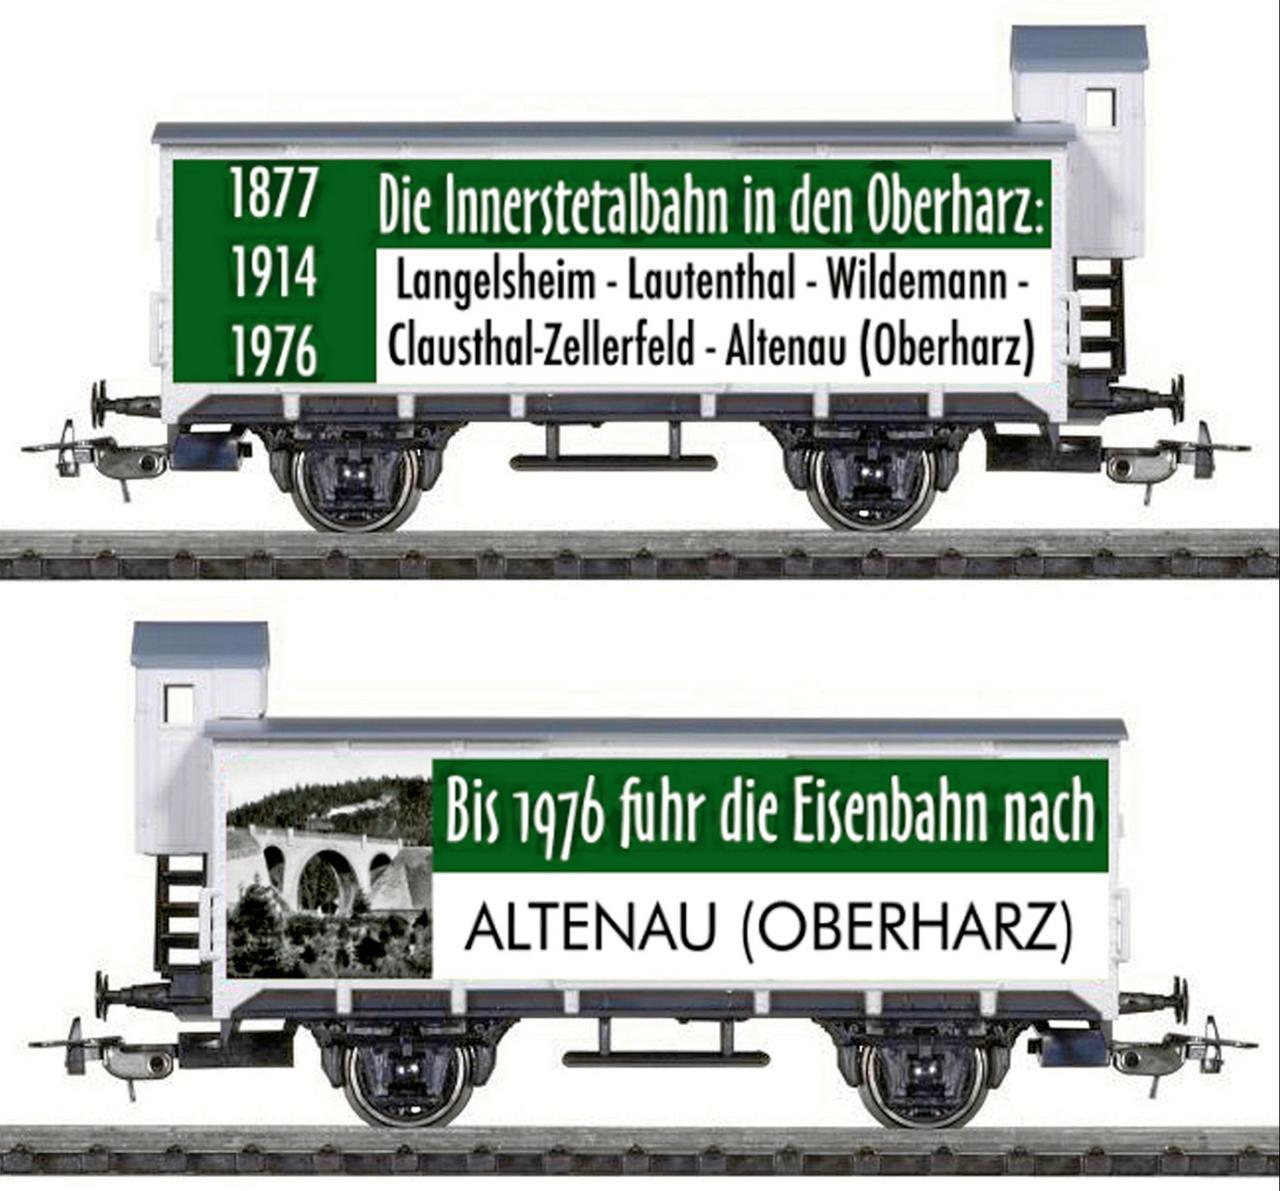 Sonderwagen für die Innerstetalbahn